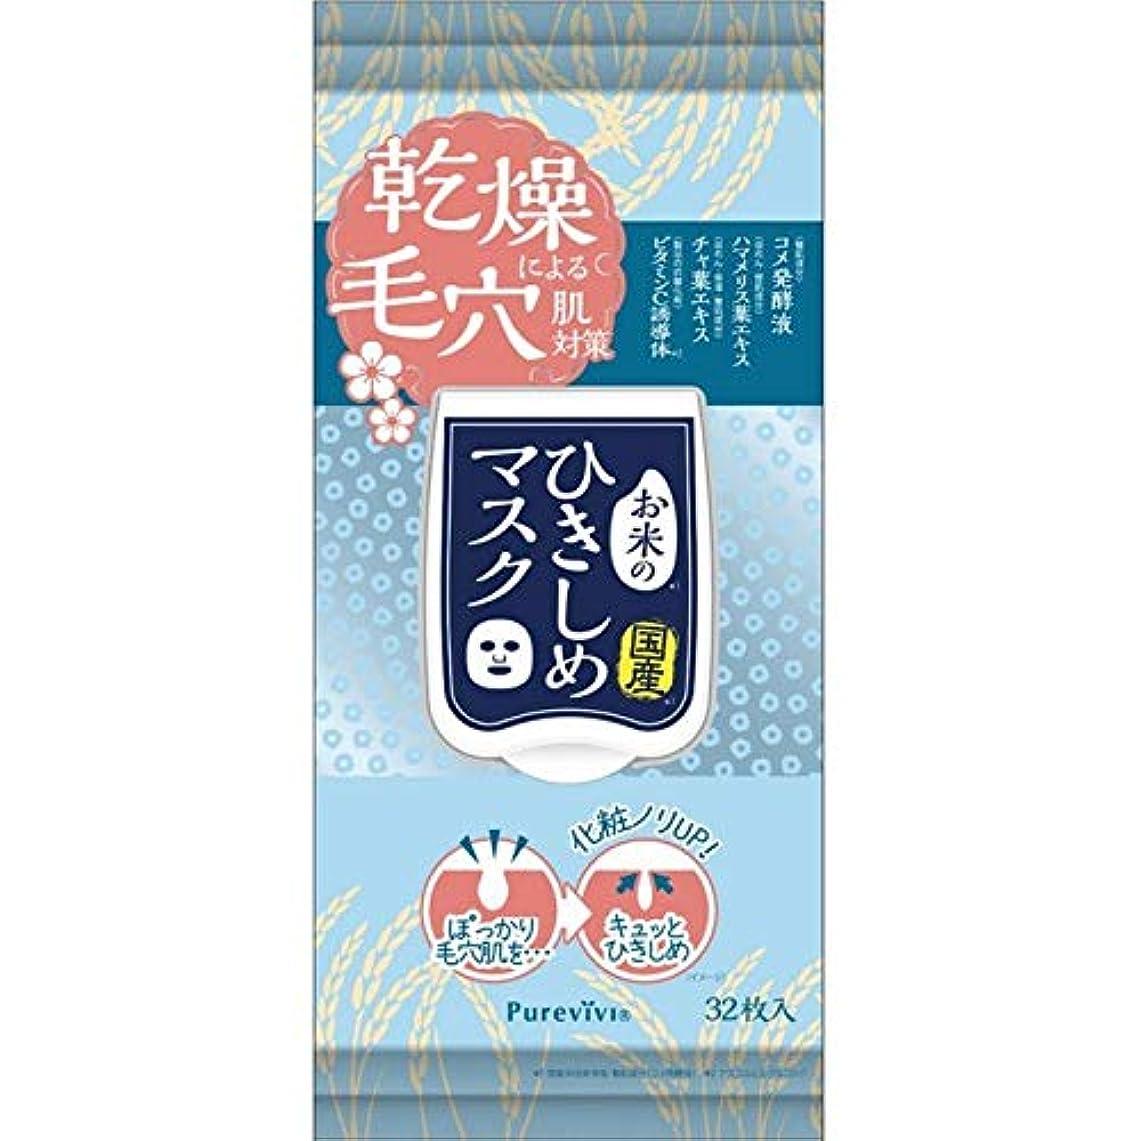 統計的最初に学校教育東京アロエ ピュアヴィヴィ お米のひきしめマスク(32枚入り) フェイスマスク